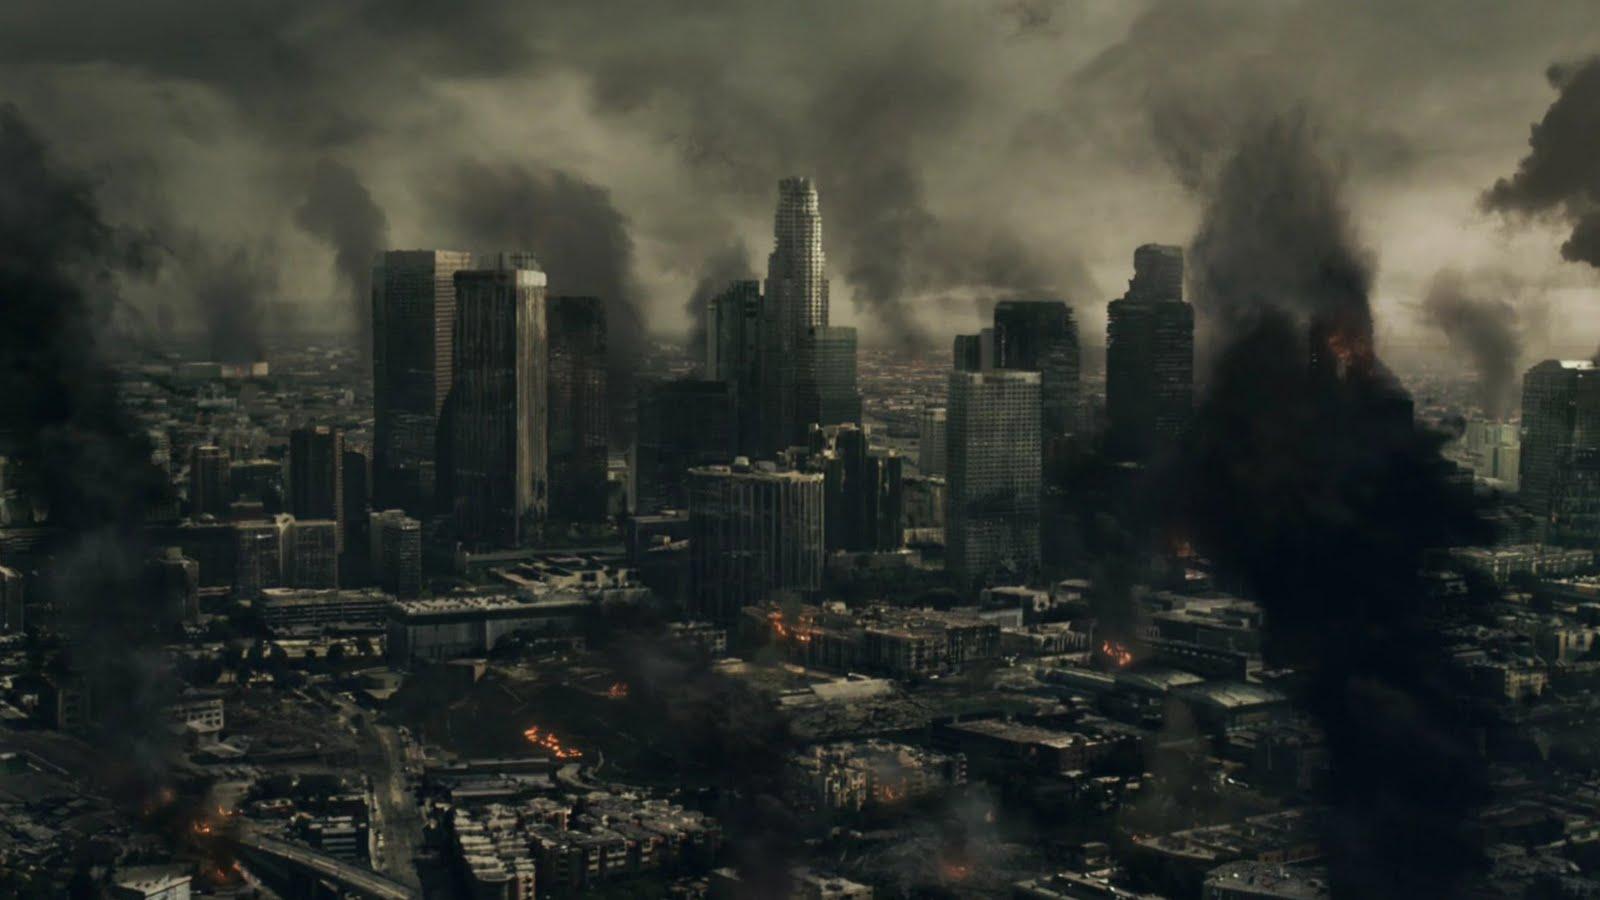 http://1.bp.blogspot.com/-XDzgng-3rv8/Tsccv0gIe_I/AAAAAAAAAvY/OrF7DMx-GSE/s1600/resident-evil-afterlife-wallpaper-hd-9-771107.jpg